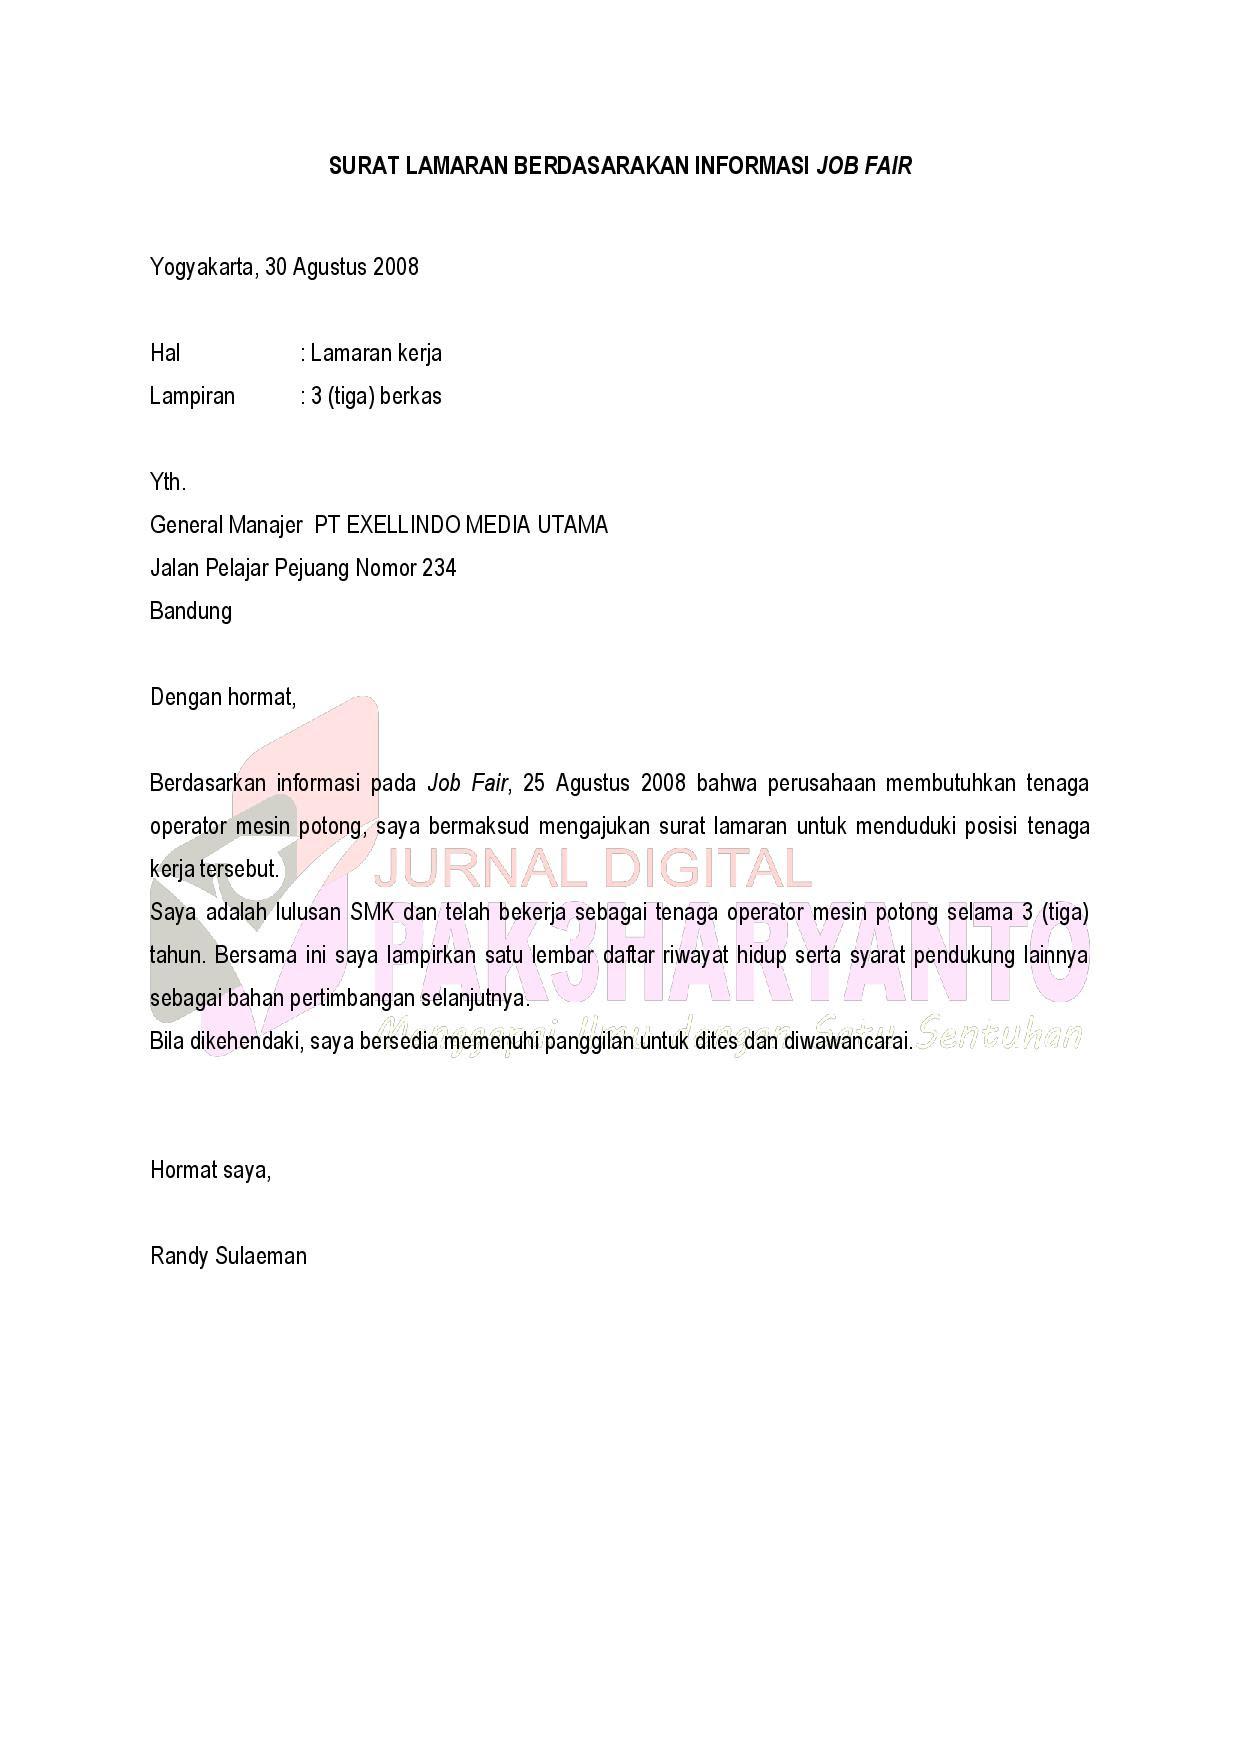 Contoh Surat Lamaran Kerja Kelas Xii - Zentoh